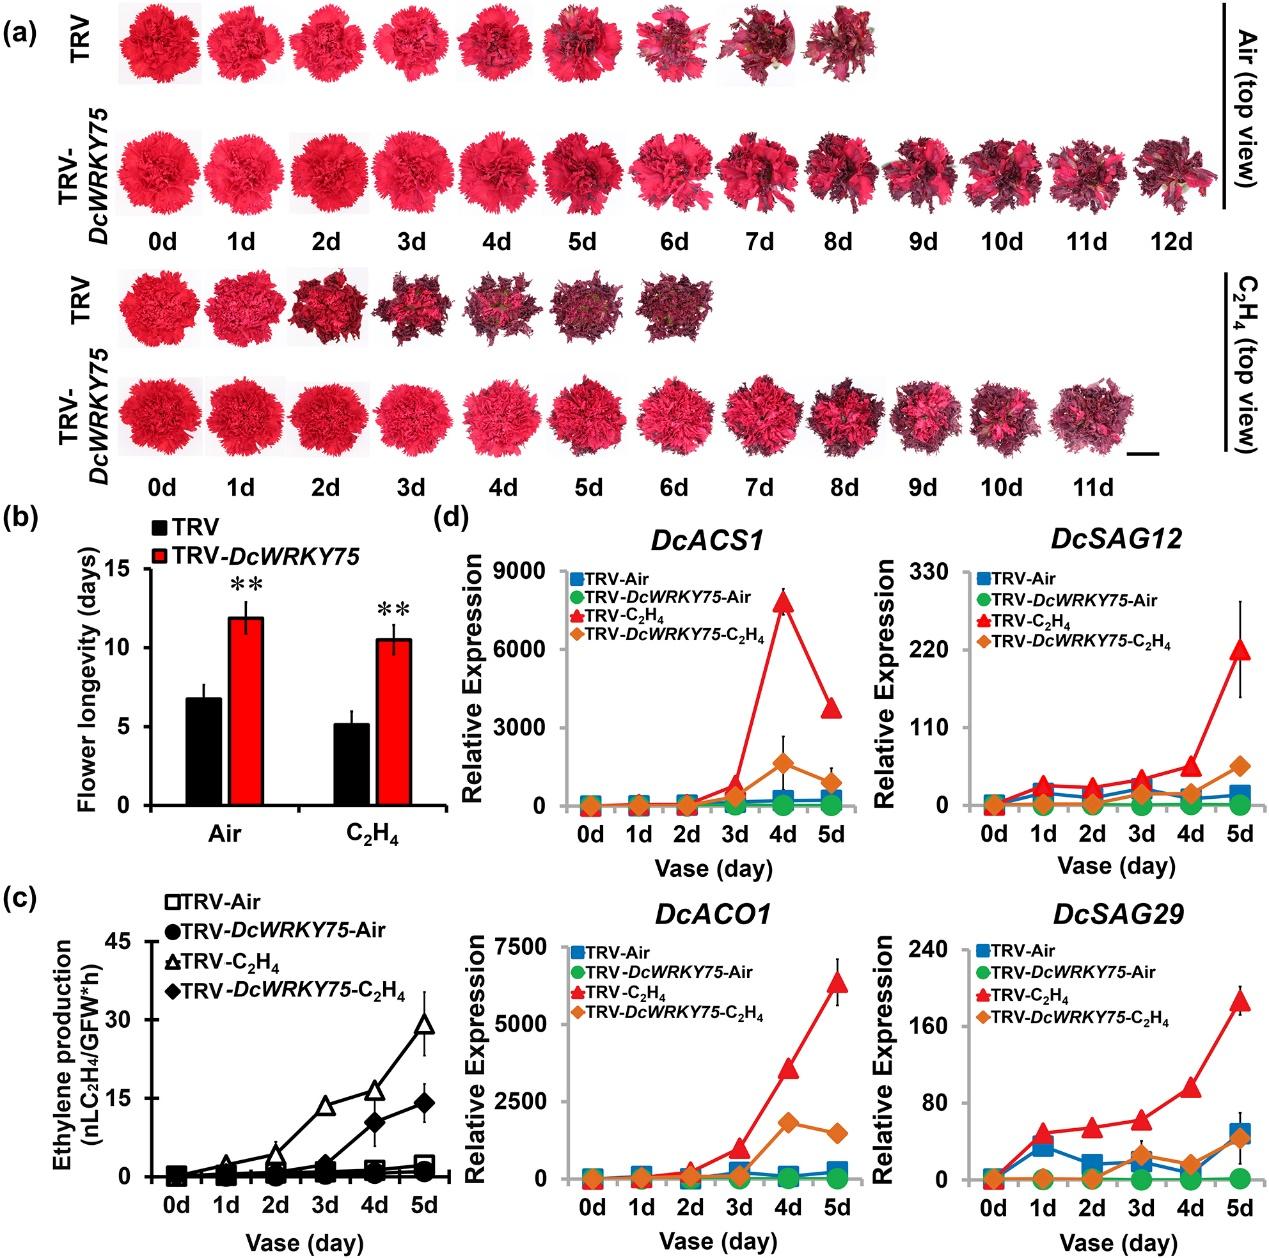 图1. 沉默DcWRKY75能够明显延长乙烯诱导的康乃馨花瓣衰老过程